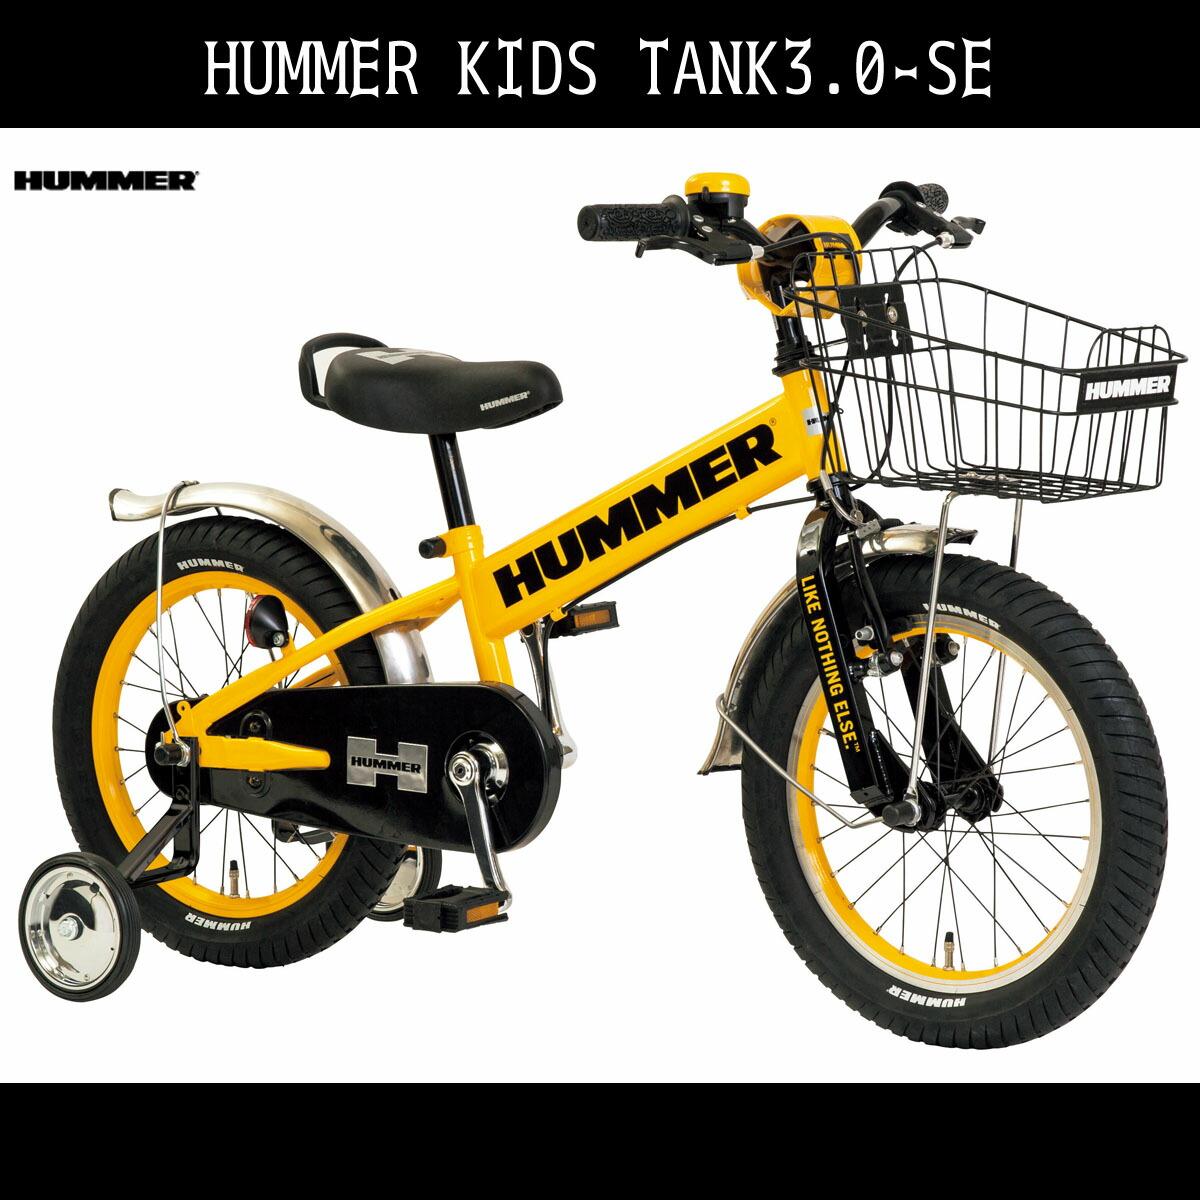 子供用 マウンテンバイク ハマー HUMMER 自転車 幼児 補助輪付き 自転車 子ども用 自転車 イエロー/黄色16インチ 自転車 ギアなし 補助輪 泥除け かご付 ハマー KID'S TANK3.0-SEキッズ 自転車 ジュニア